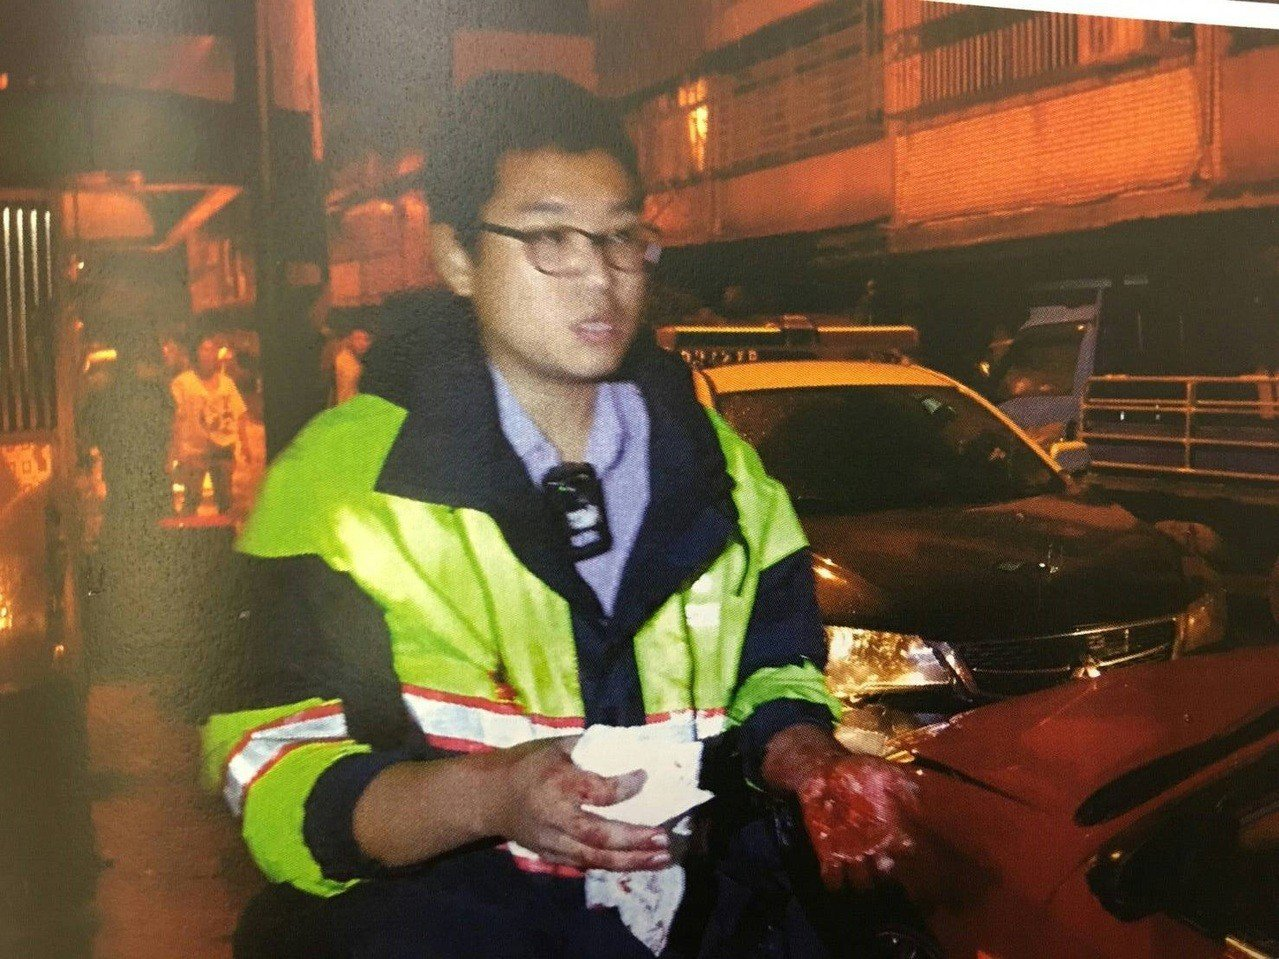 警員擊破車窗逮人手也受傷。記者鄭國樑/翻攝